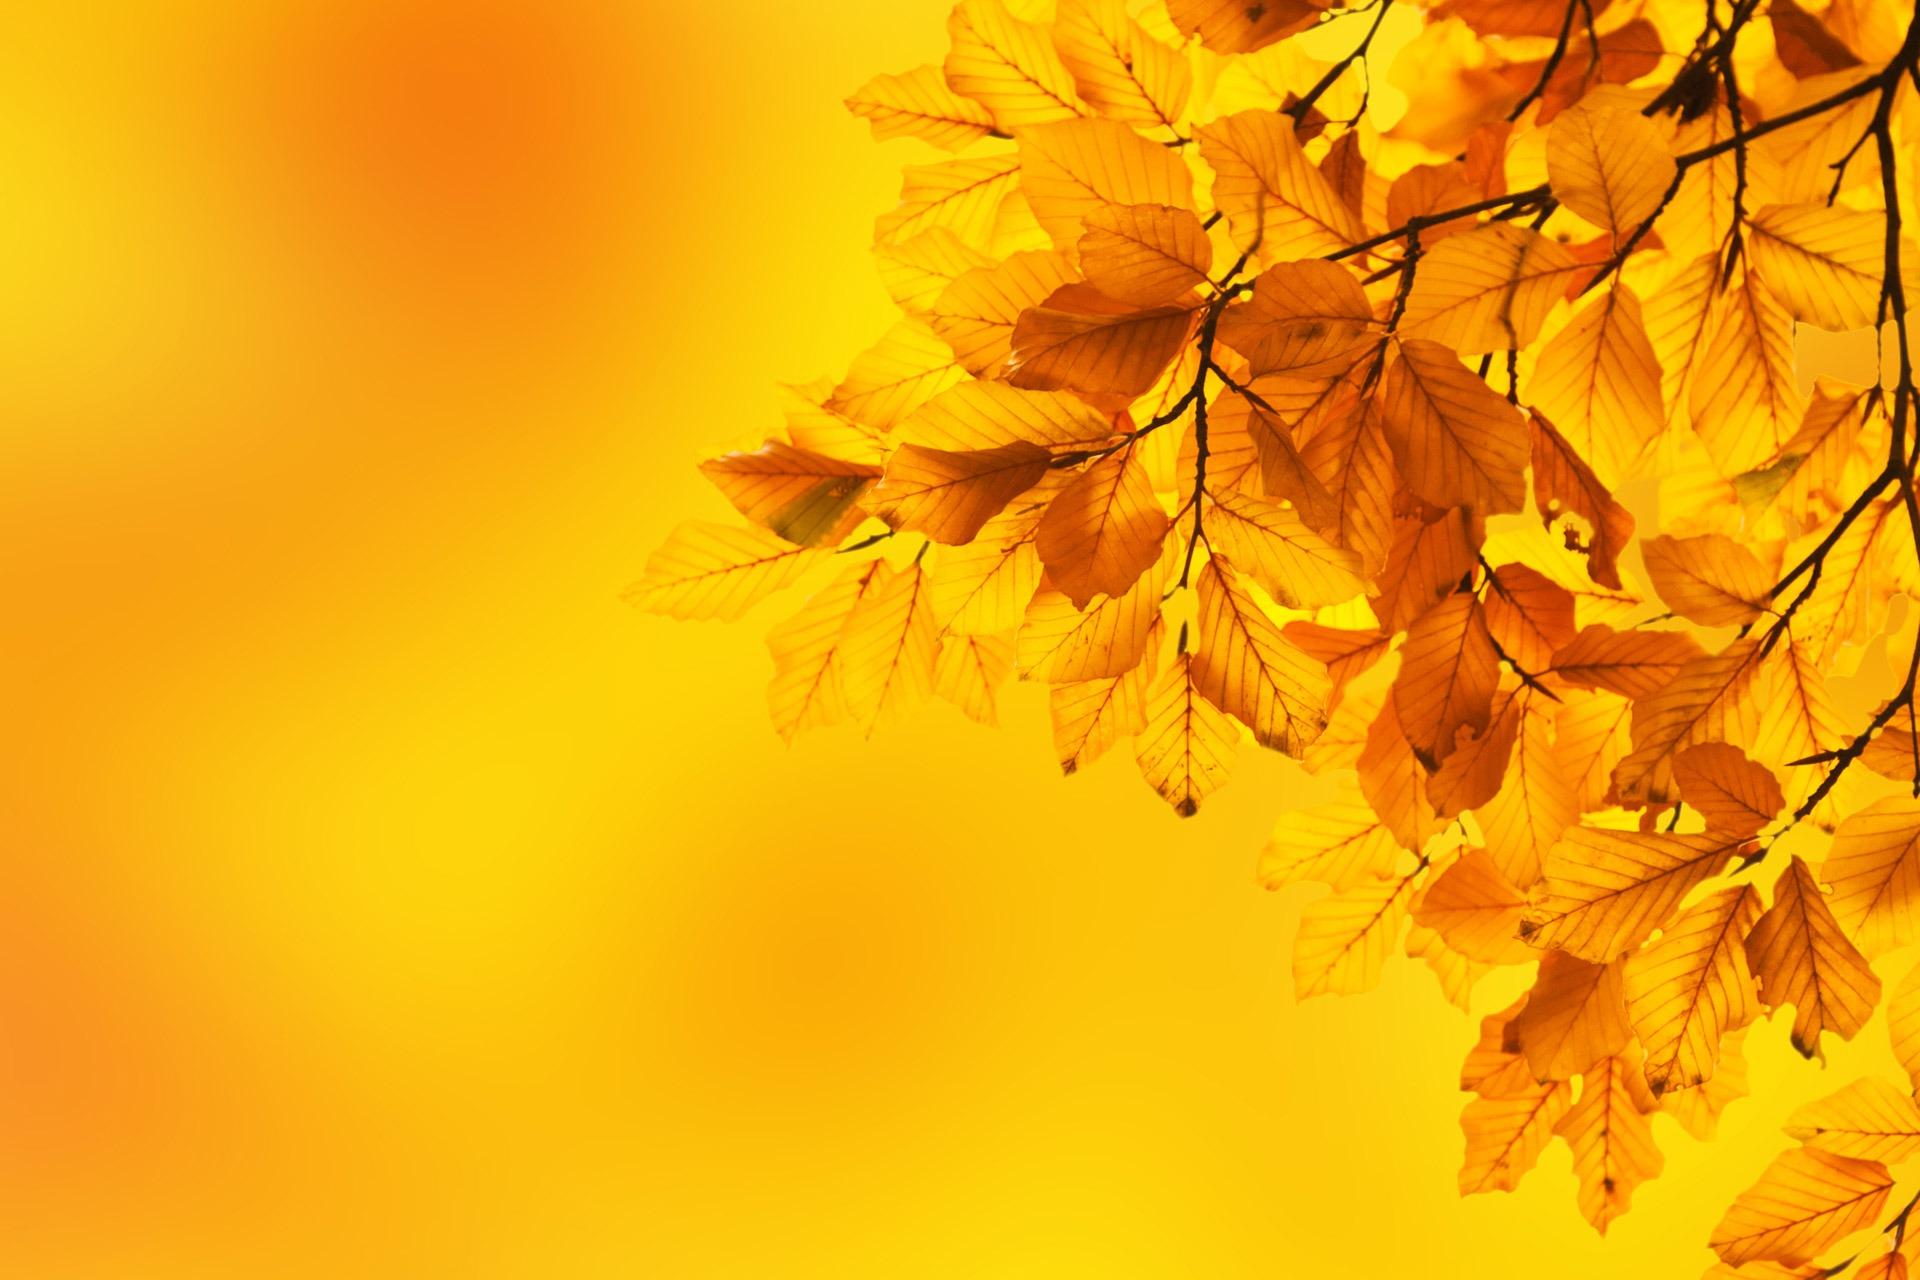 Картинки про осень для презентации, картинки мама